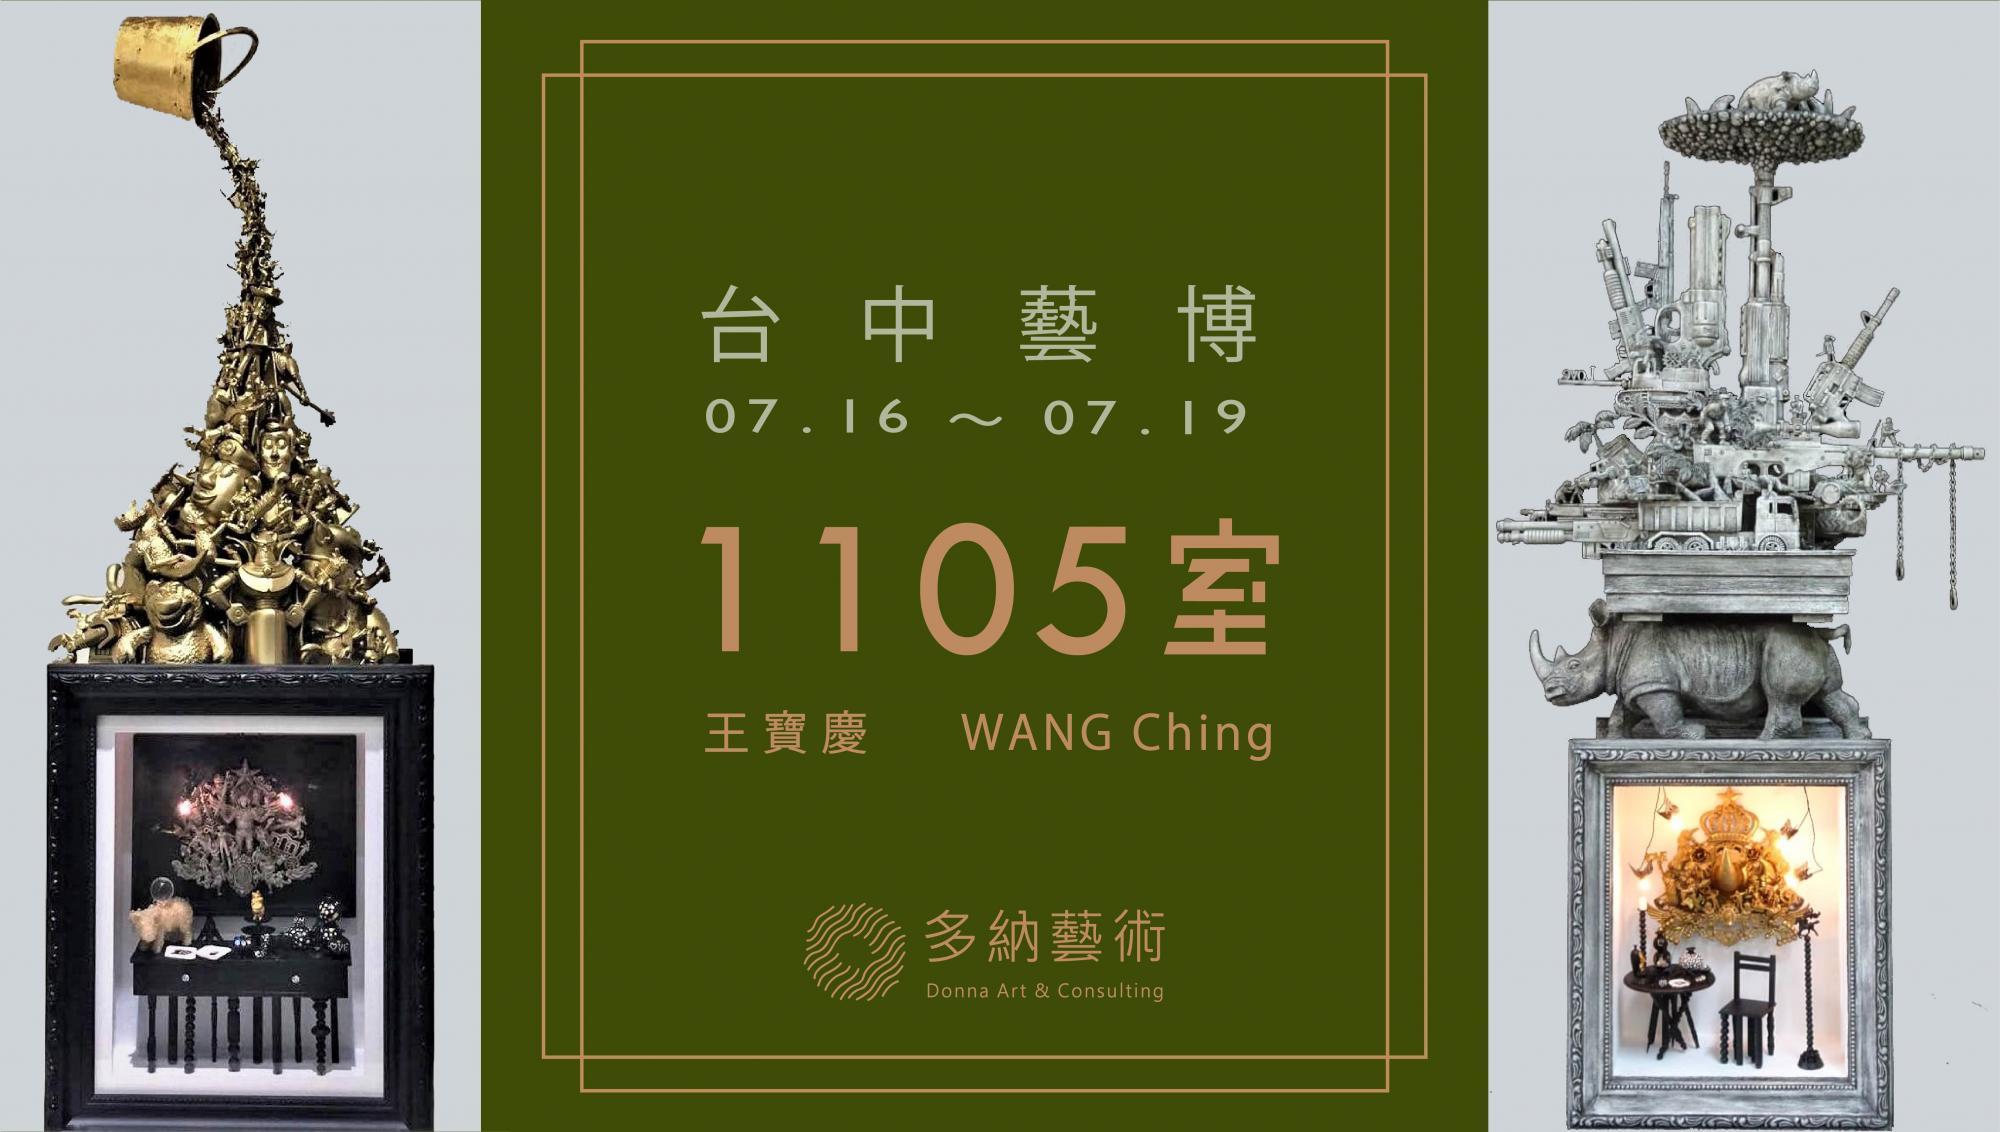 WANG Ching.jpg